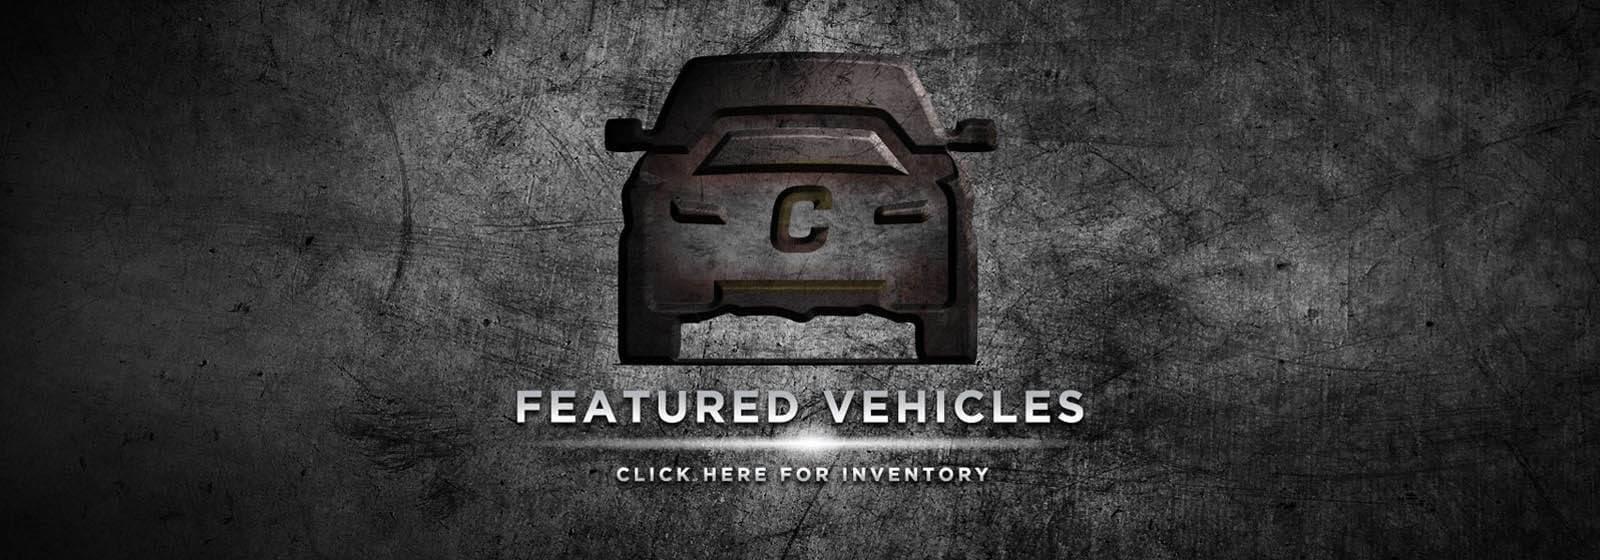 featured-vehicles-slider-1600x560